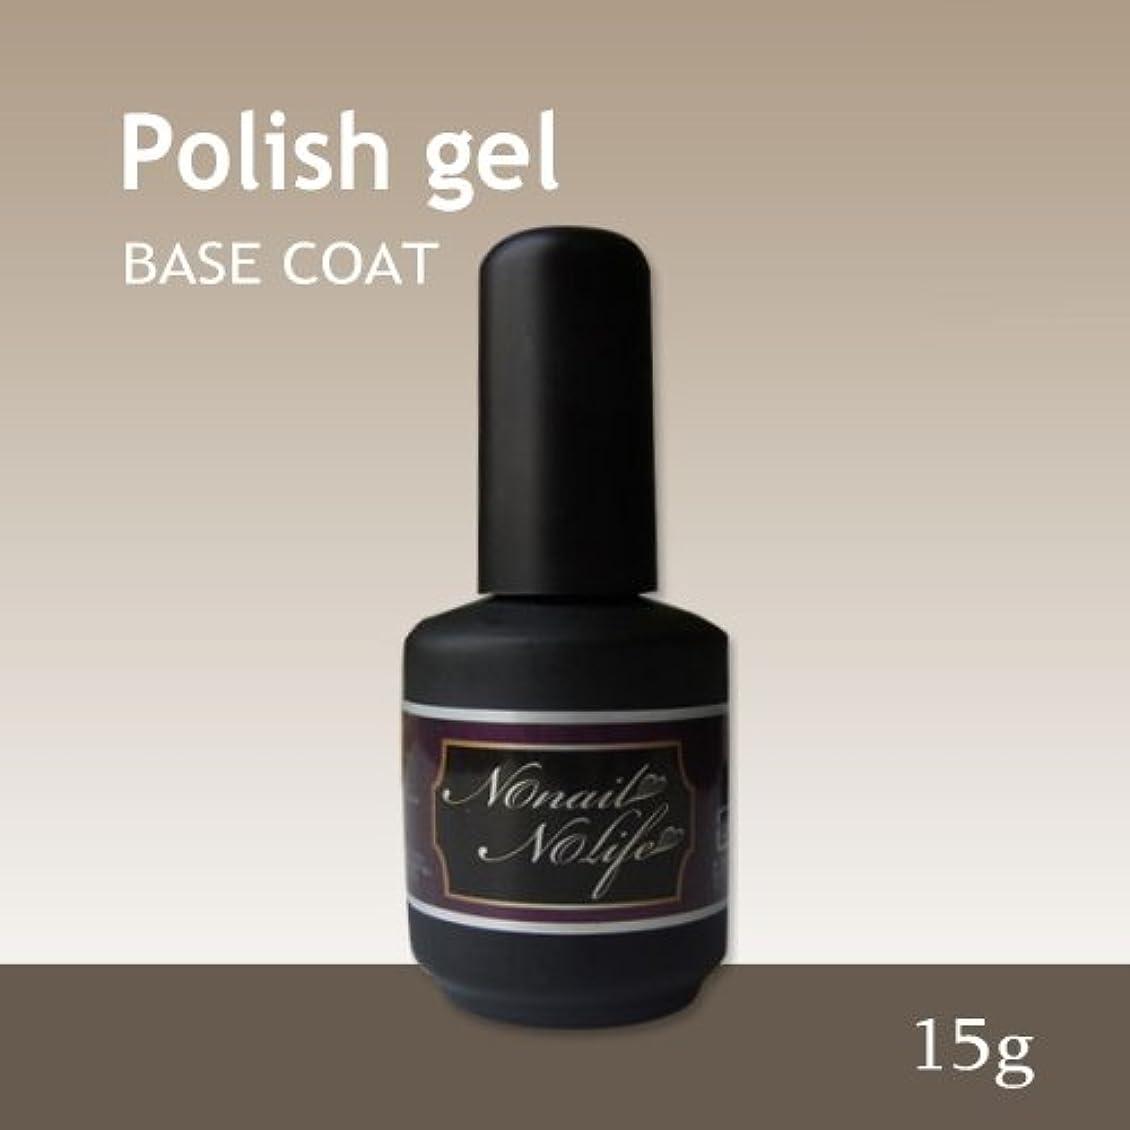 見分ける文明ズボンジェルネイル《サンディング不要のベースコート》Natural Polish ポリッシュベースジェル(15g)